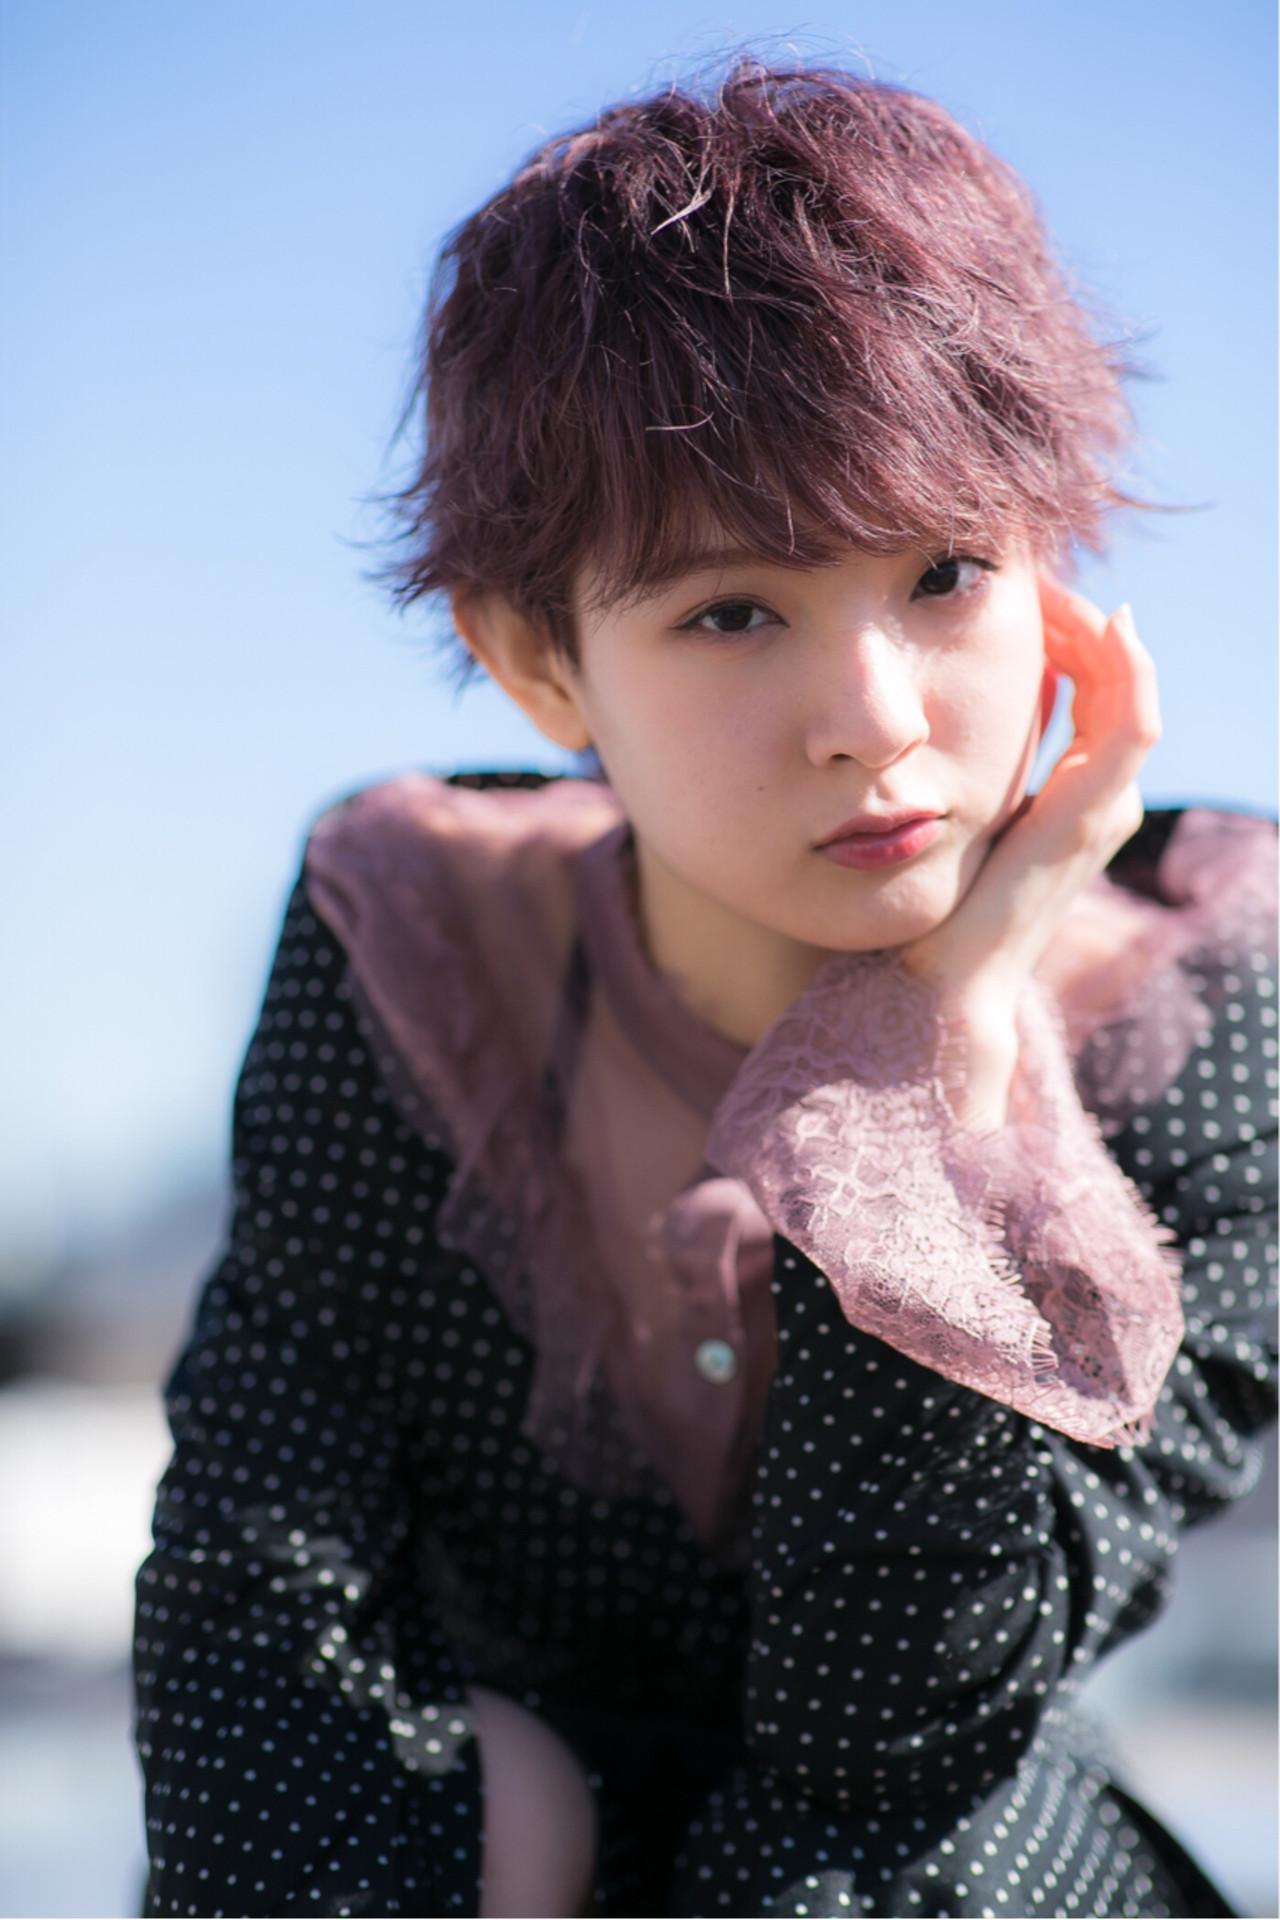 セクシー ガーリー ピンクアッシュ ショート ヘアスタイルや髪型の写真・画像